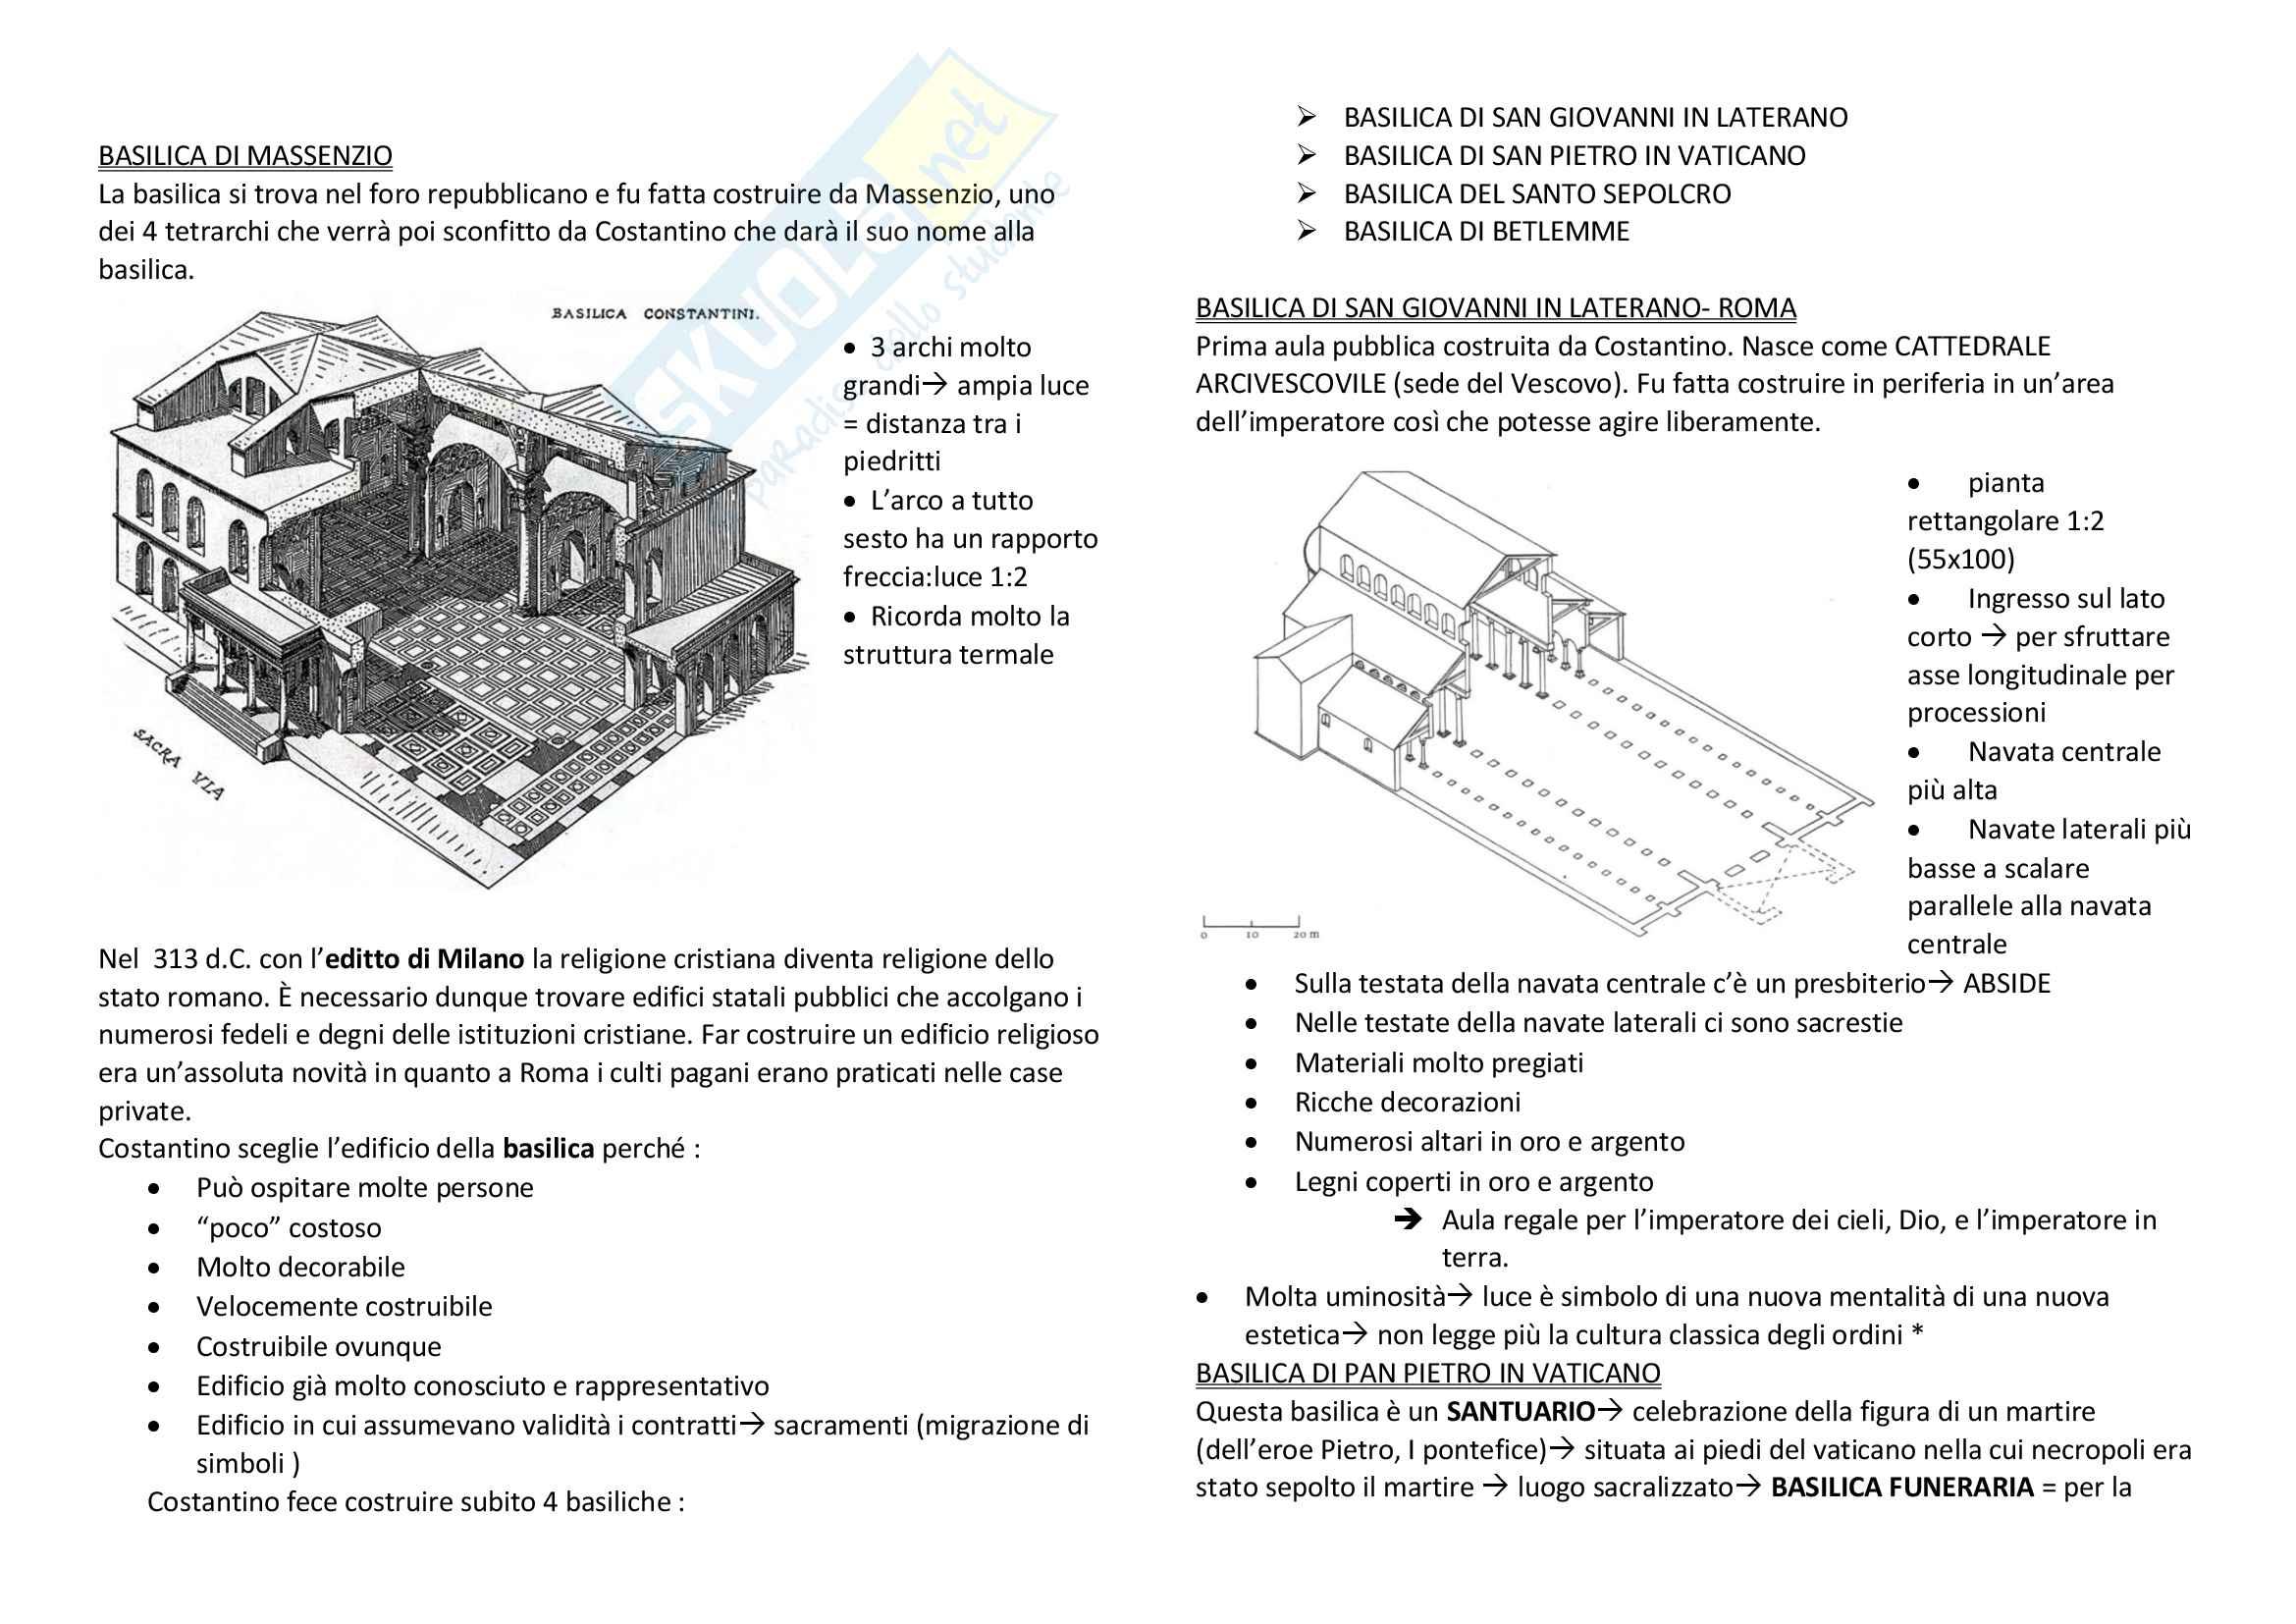 Storia dell'architettura dalle origini al '600 Pag. 21